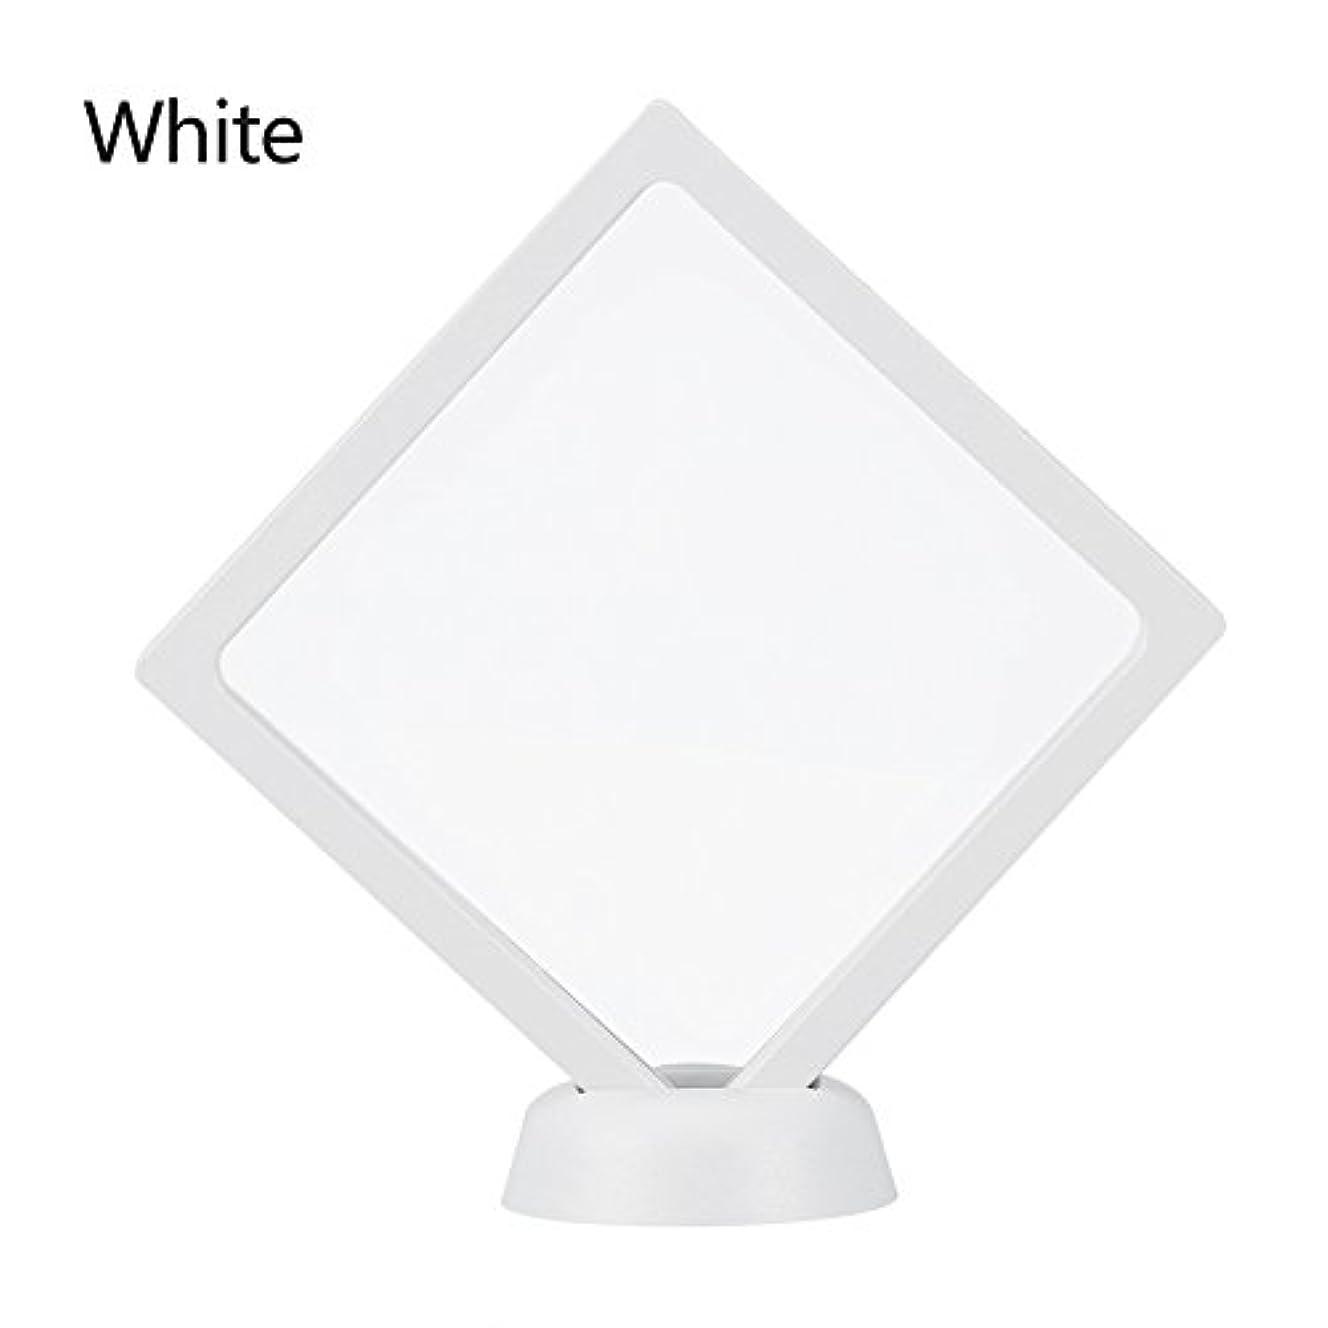 敬意書誌カフェテリアアクリルネイルプレートとPETフィルムディスプレイスクリーン付きの2つのダイヤモンドネイルディスプレイスタンド - 4.3 4.3インチネイルホルダーツール(White)